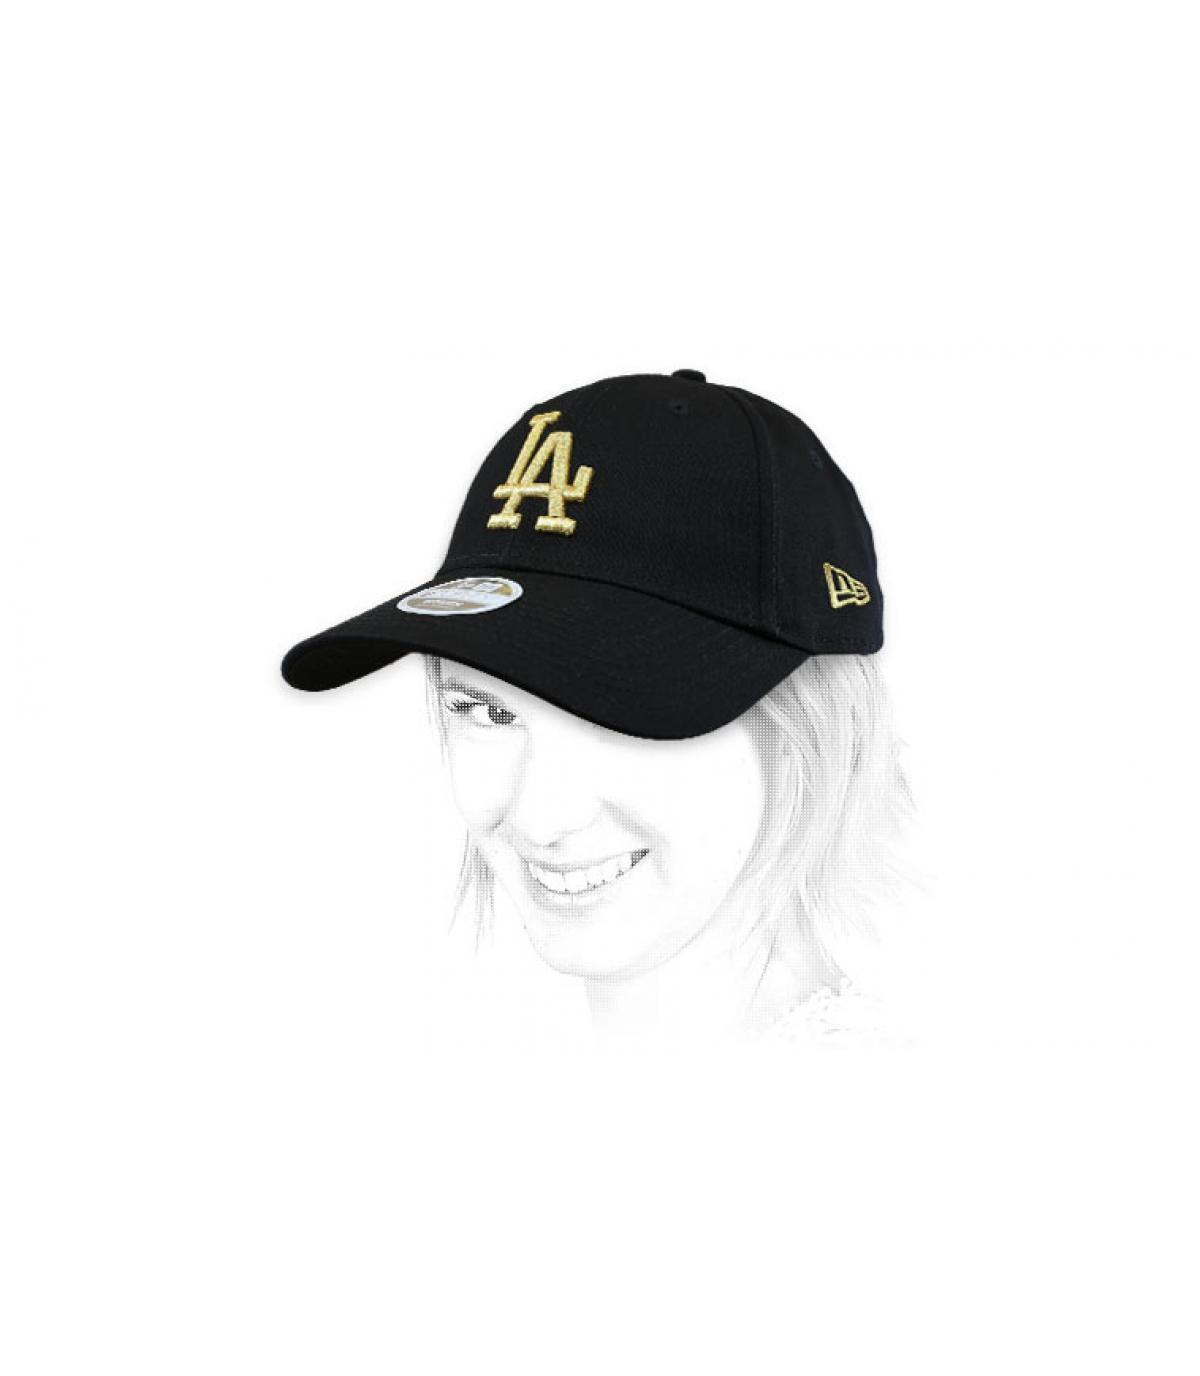 casquette femme LA noir or